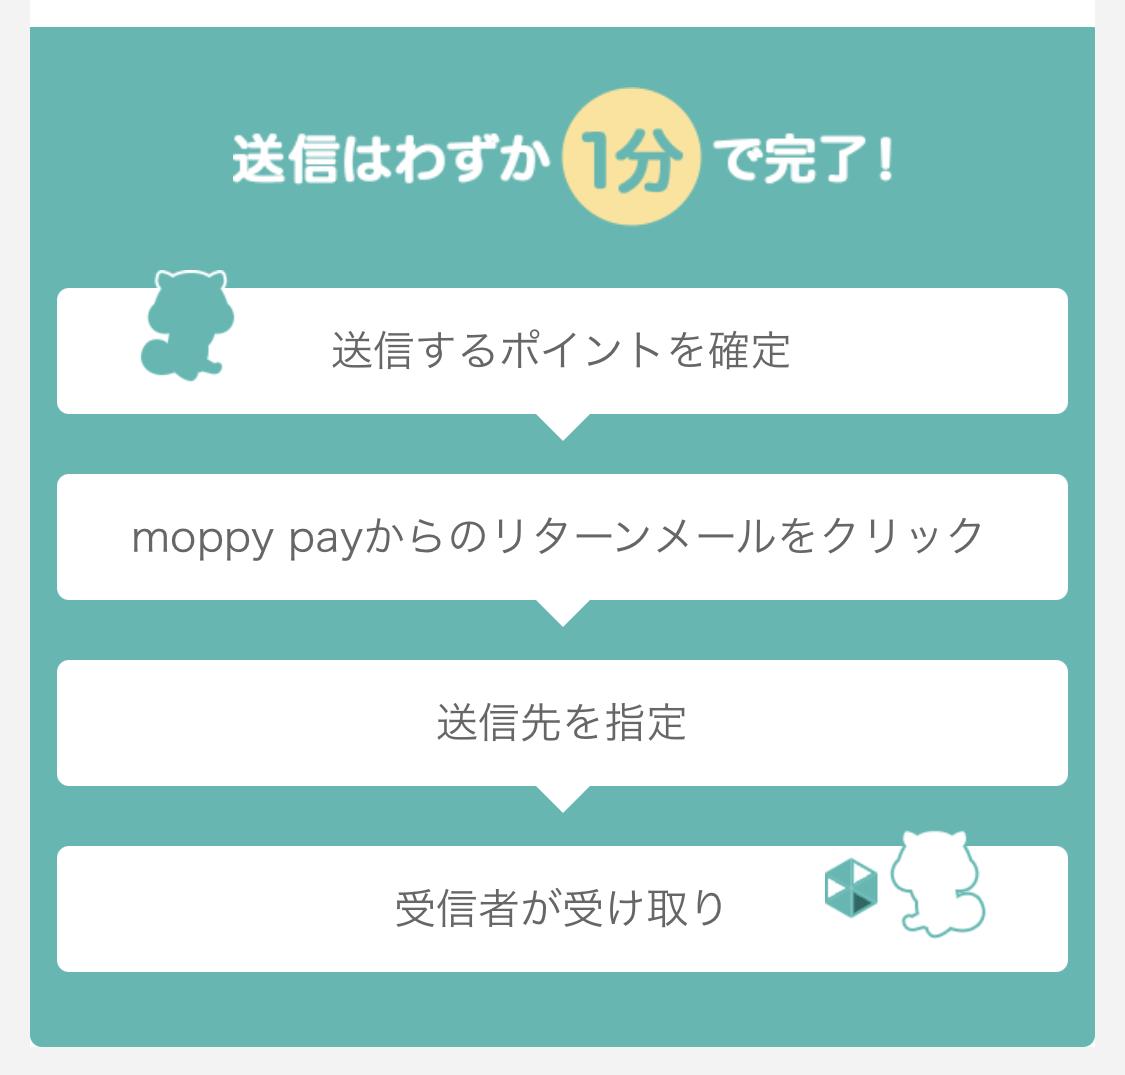 moppy payのポイントの送り方